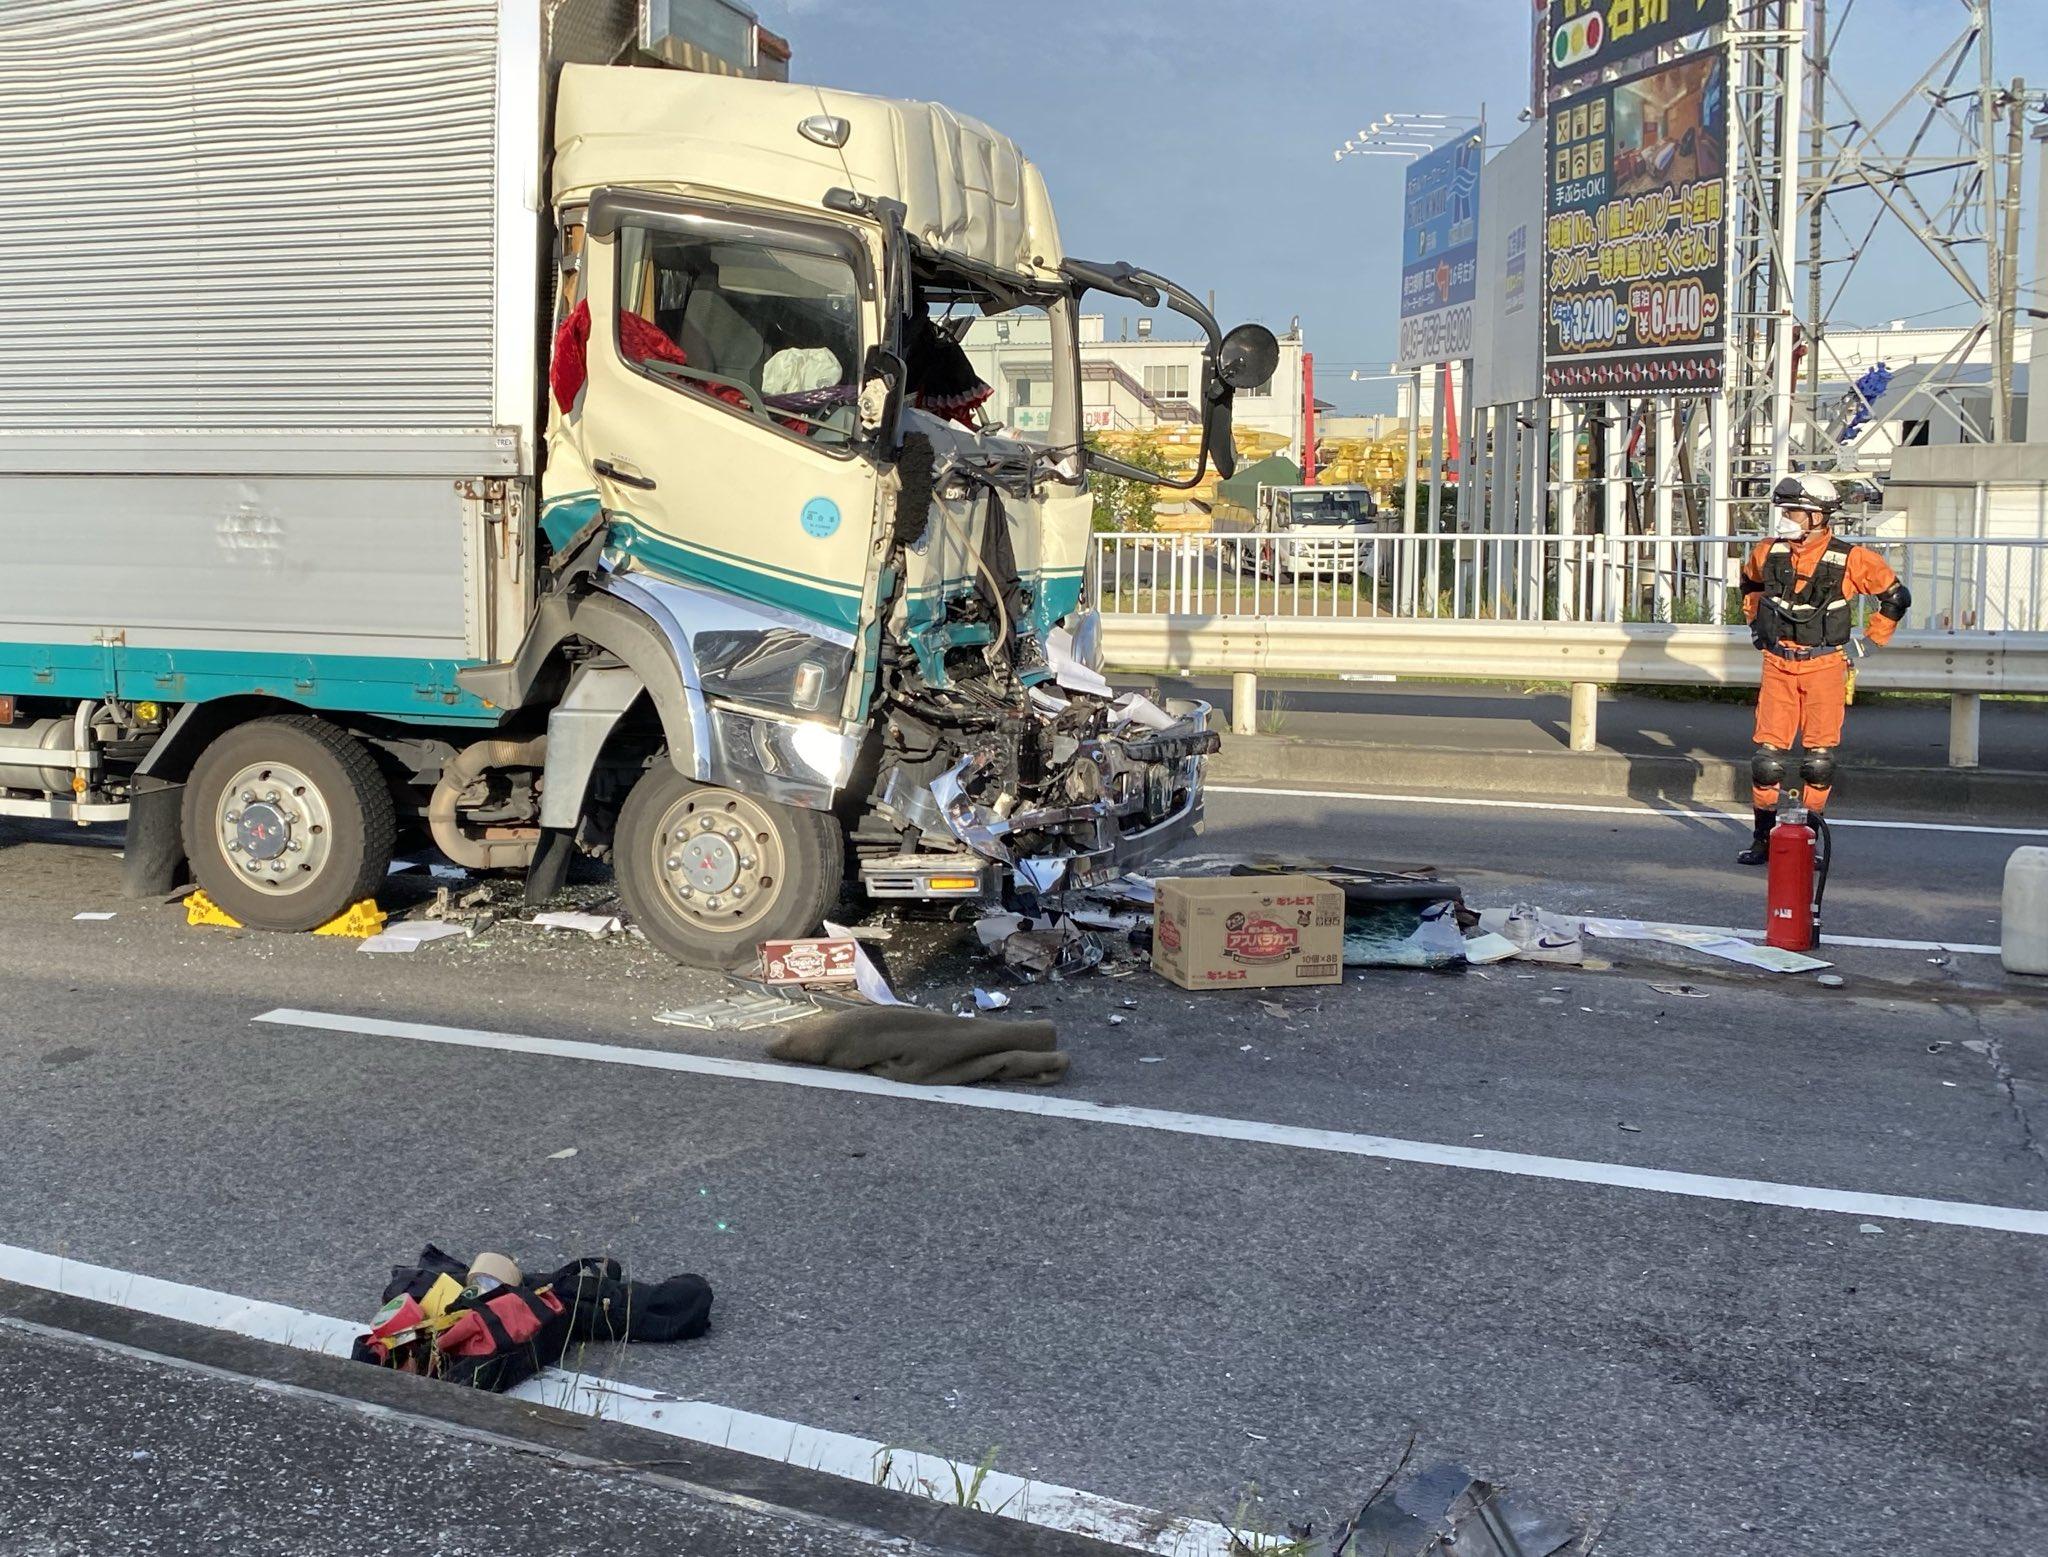 春日部市下柳の国道4号線のトラック大破事故の現場画像